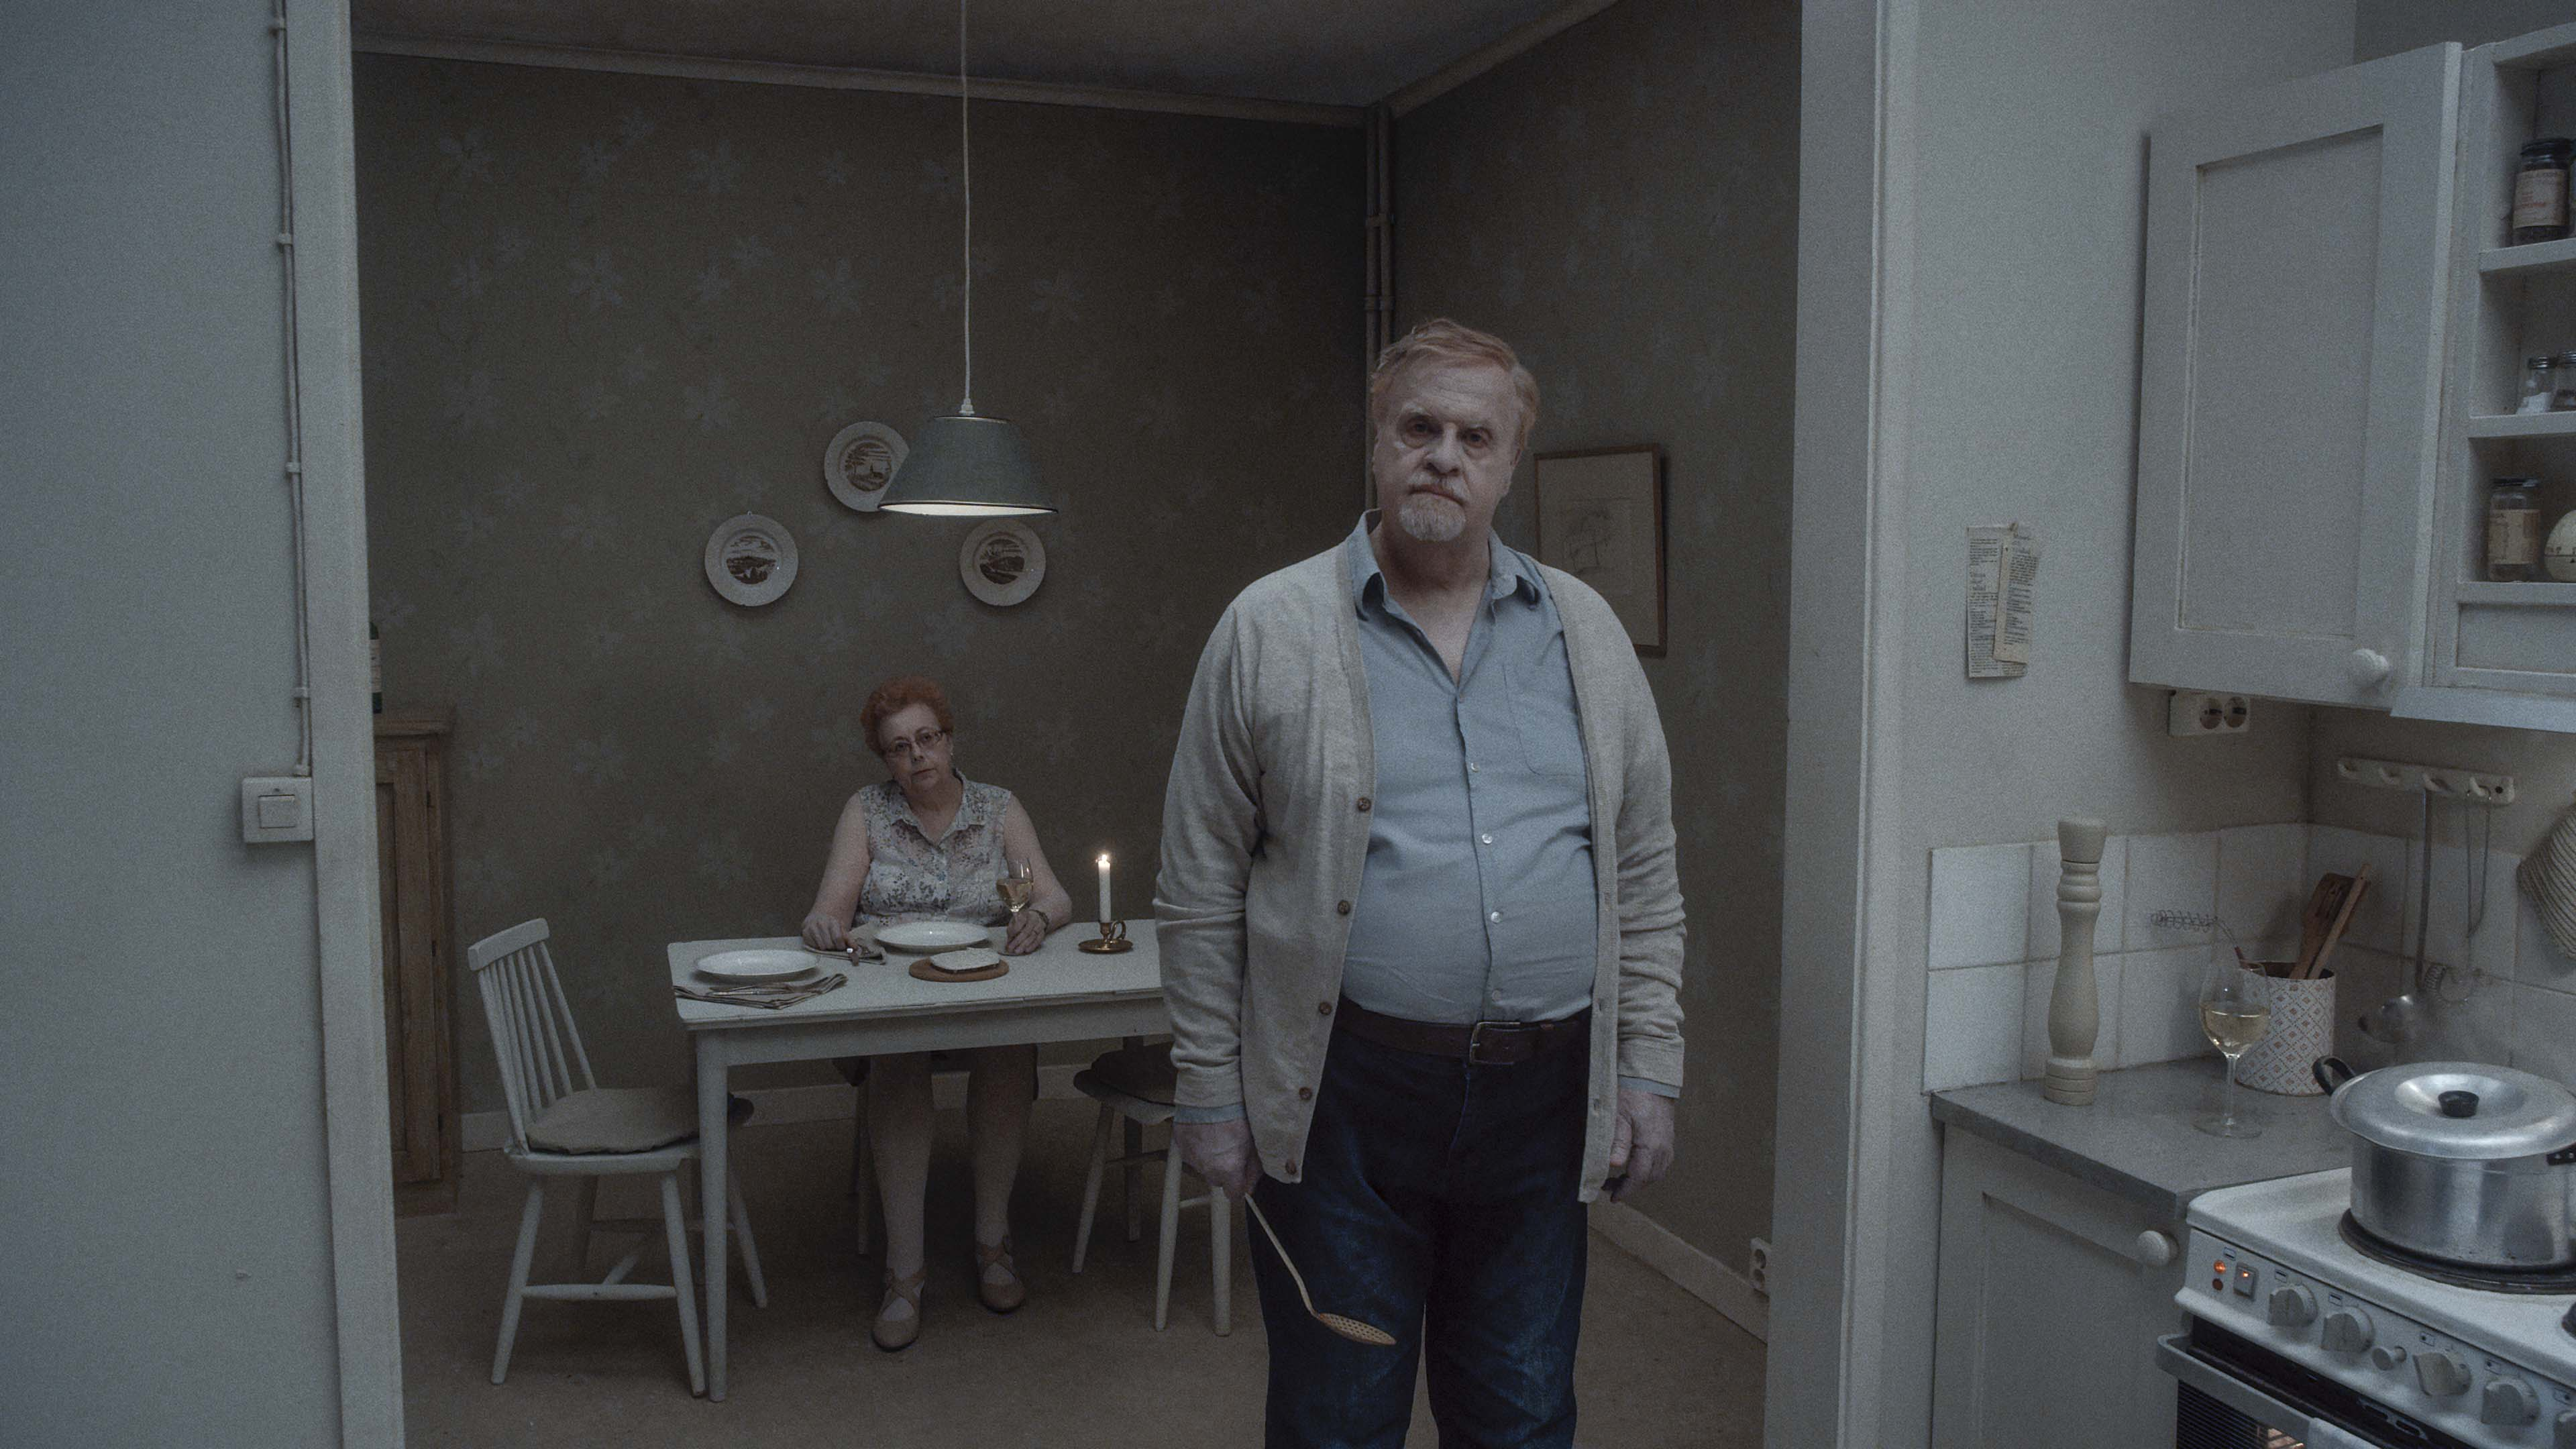 Фільм «Про нескінченність» Роя Андерссона виходить у прокат з 13 серпня